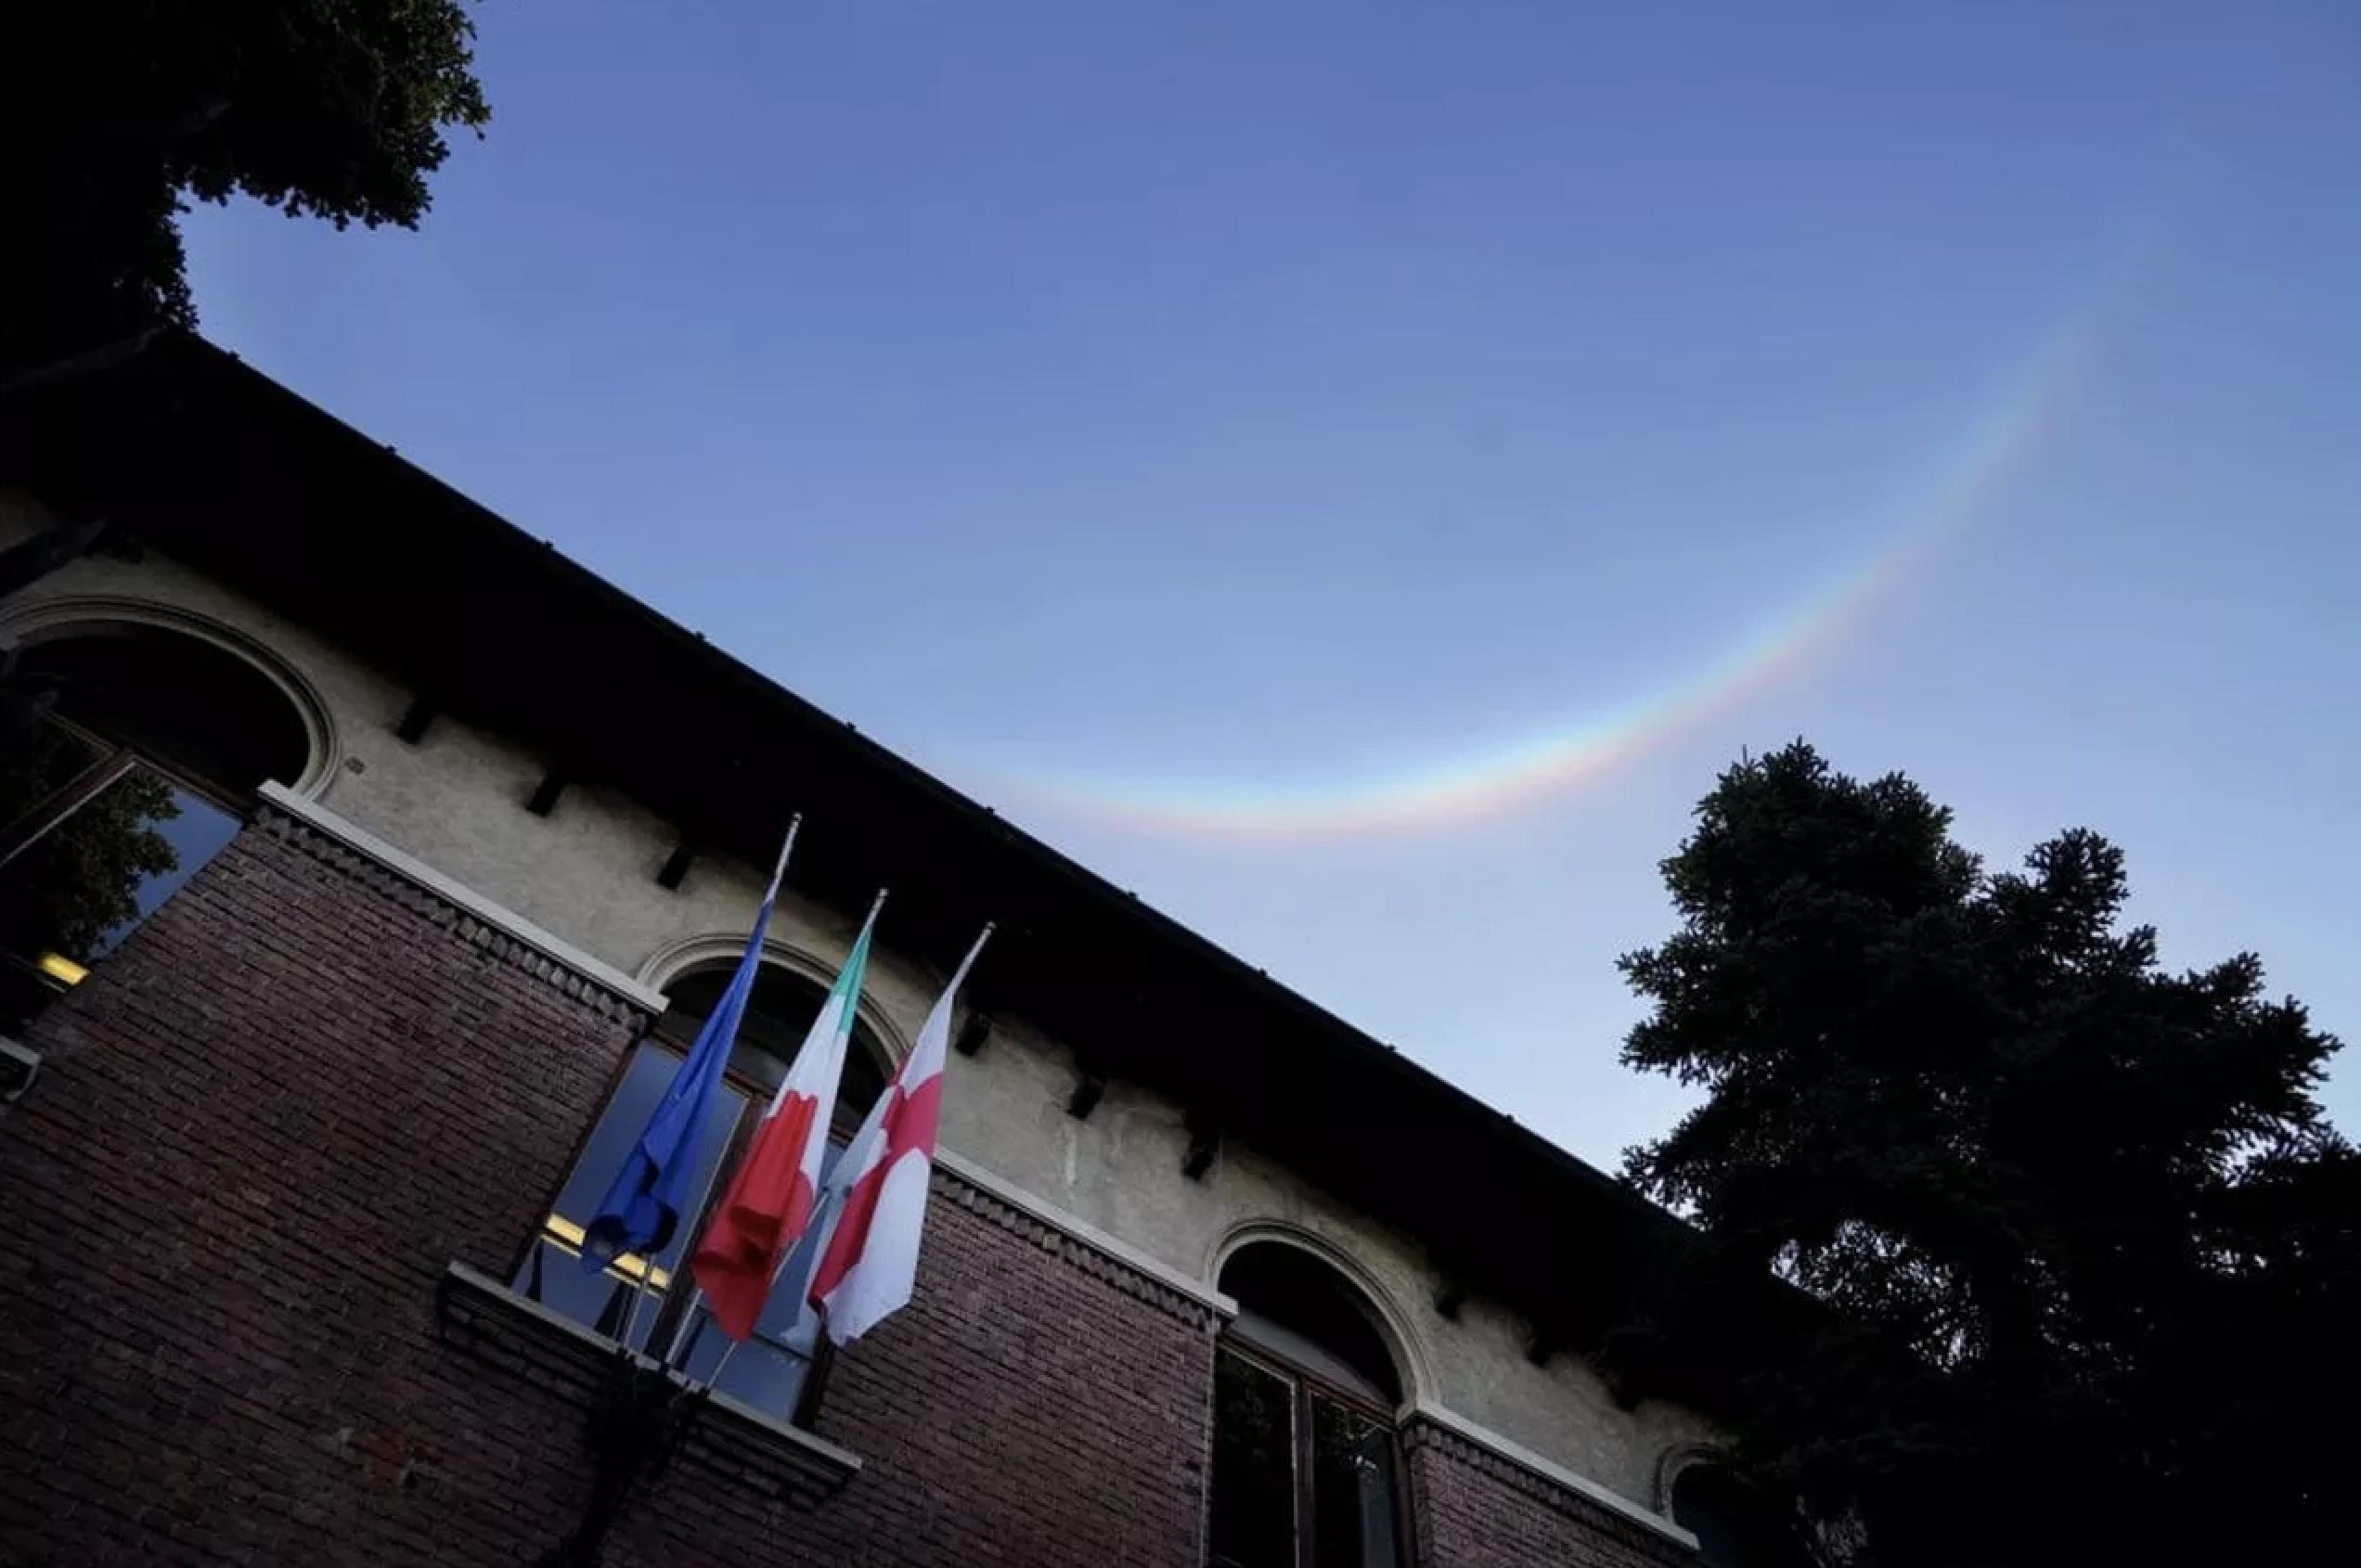 C0036_La Repubblica_Luca Bosani copy